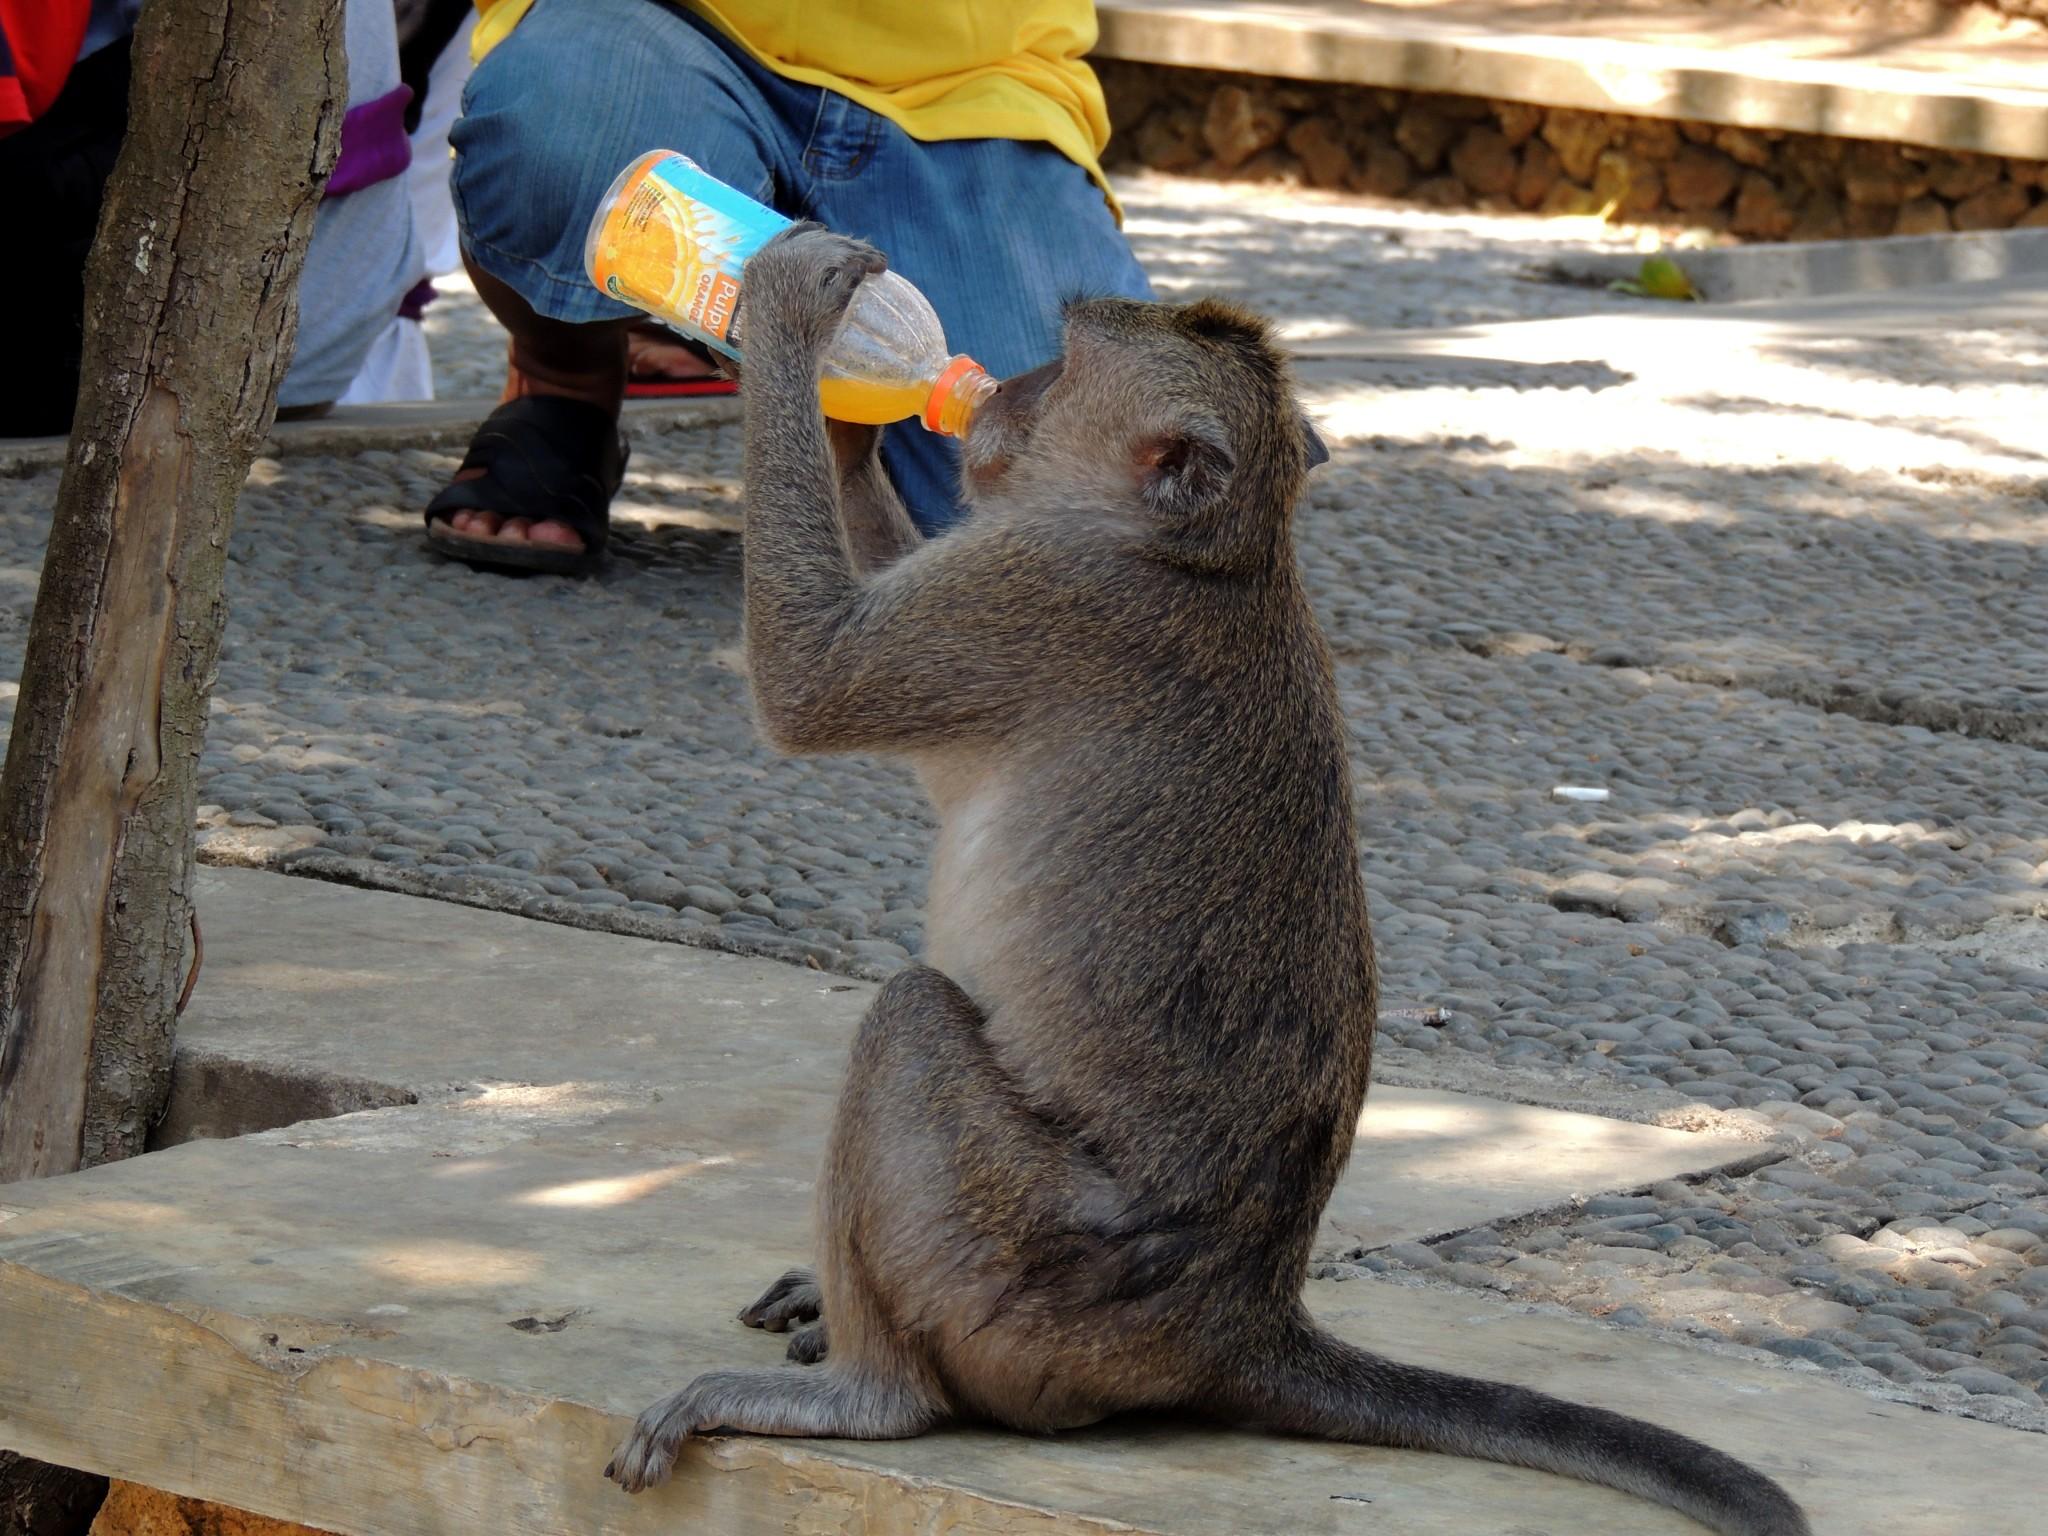 Indonesië, die makaak heeft ook dorst - Bali